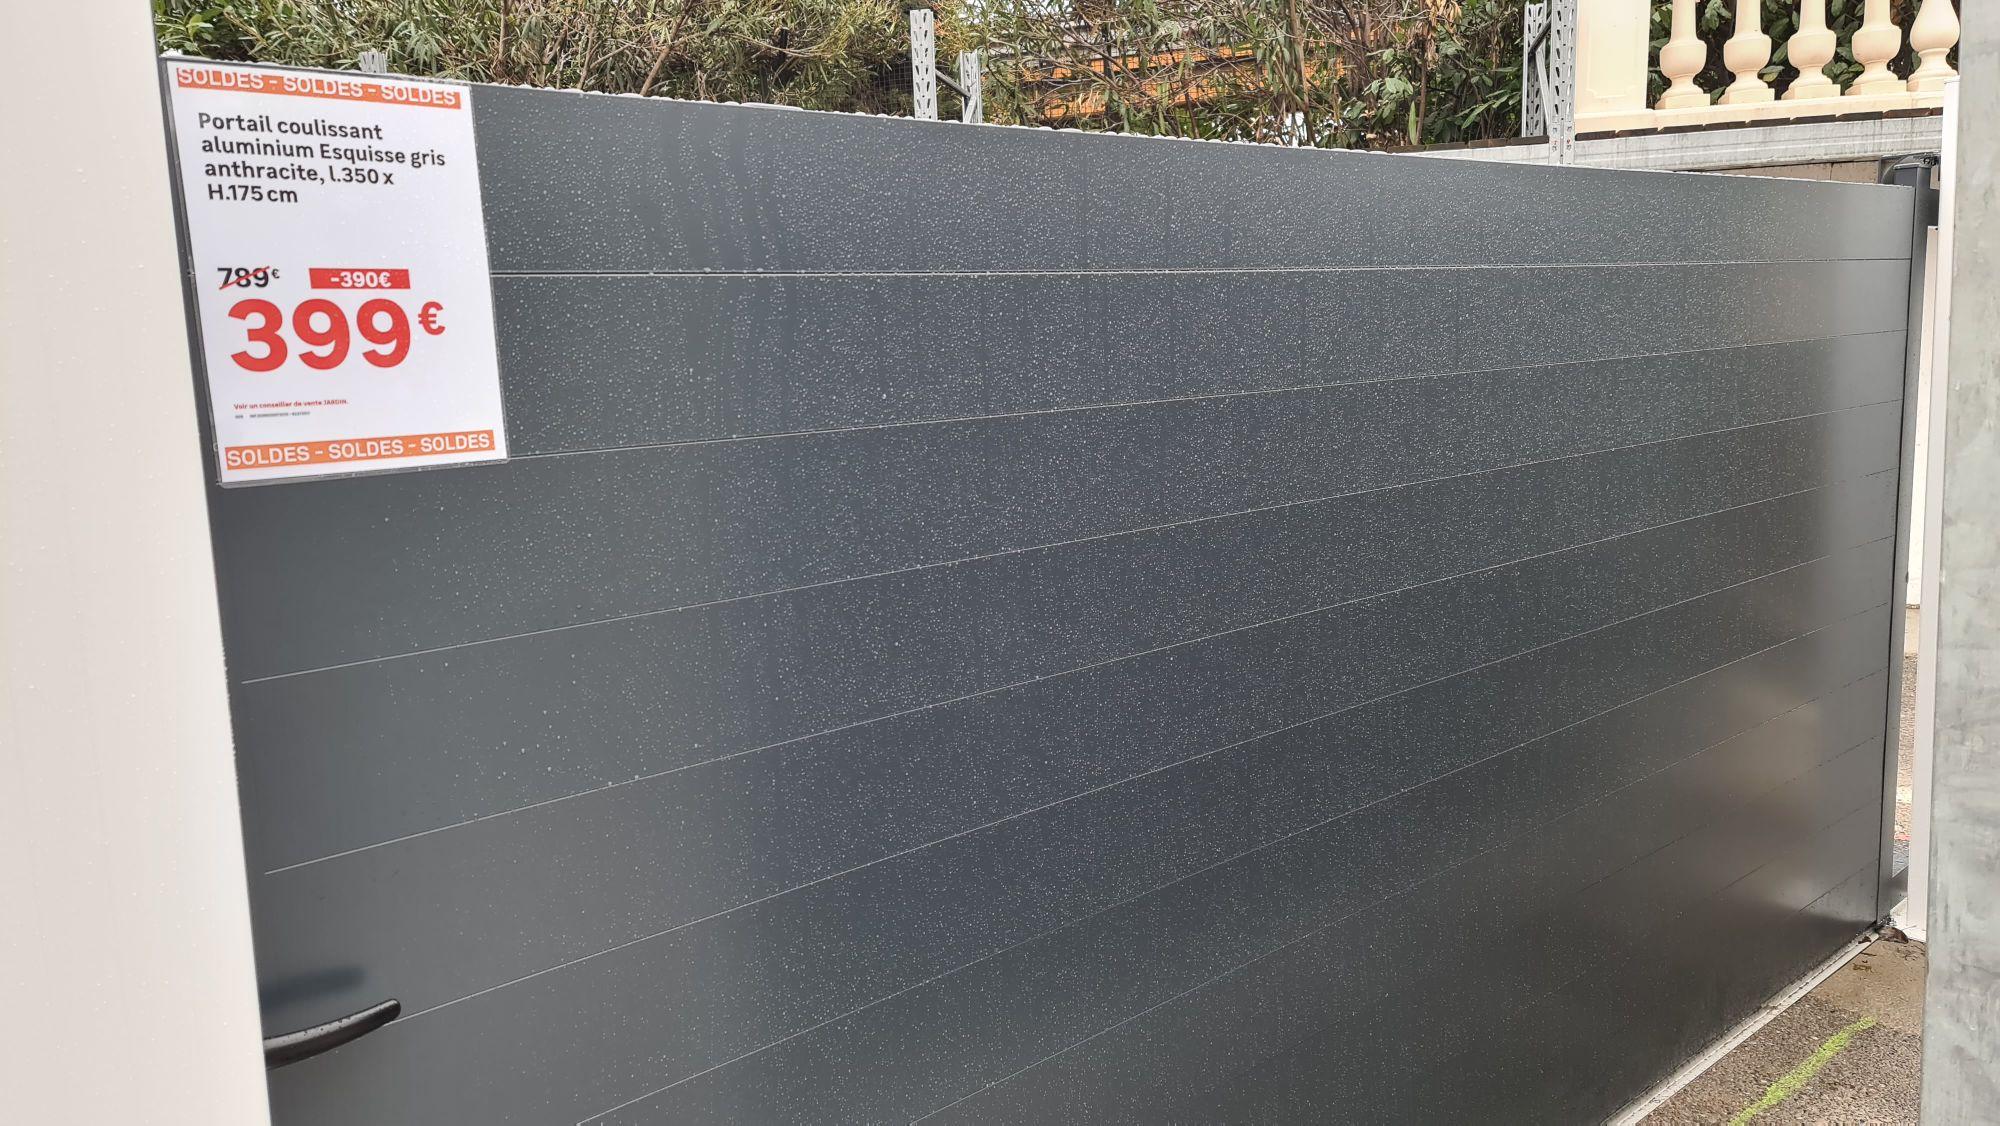 Portail coulissant aluminium (3.5m x 1.75, gris) - Nice (06)